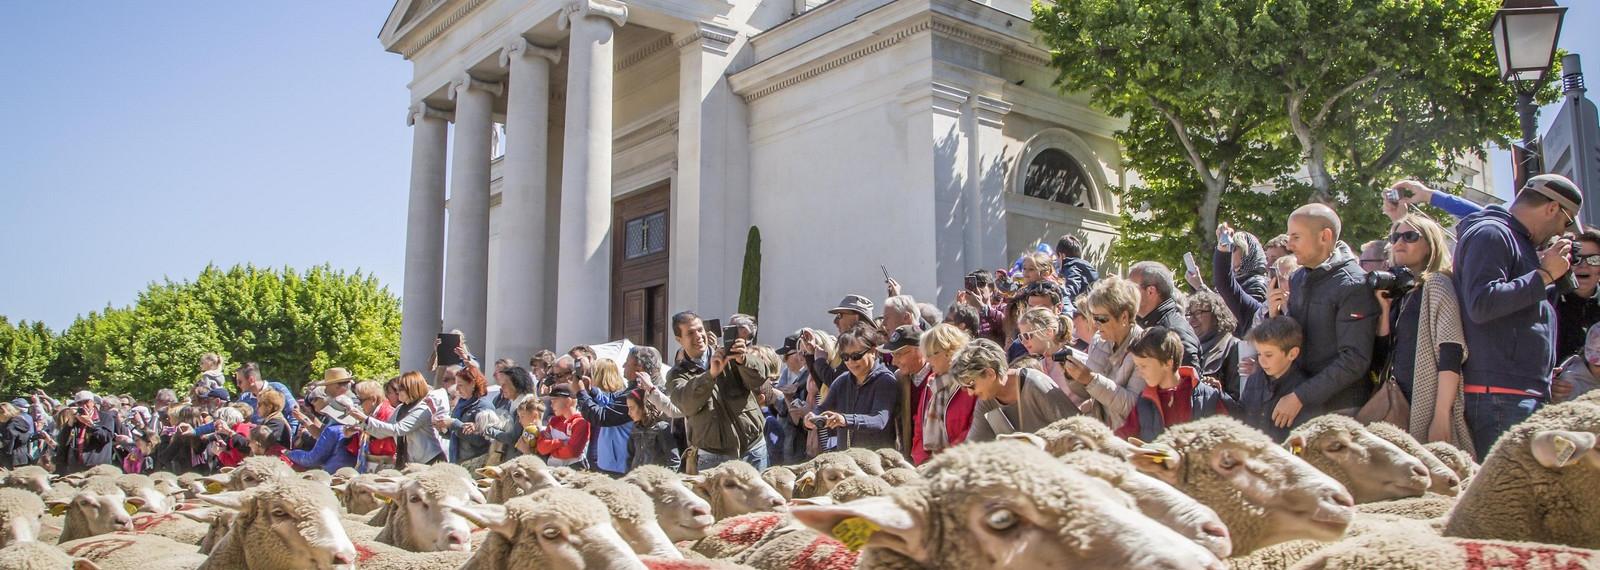 Tradition de la Transhumance à Saint-Rémy-de-Provence